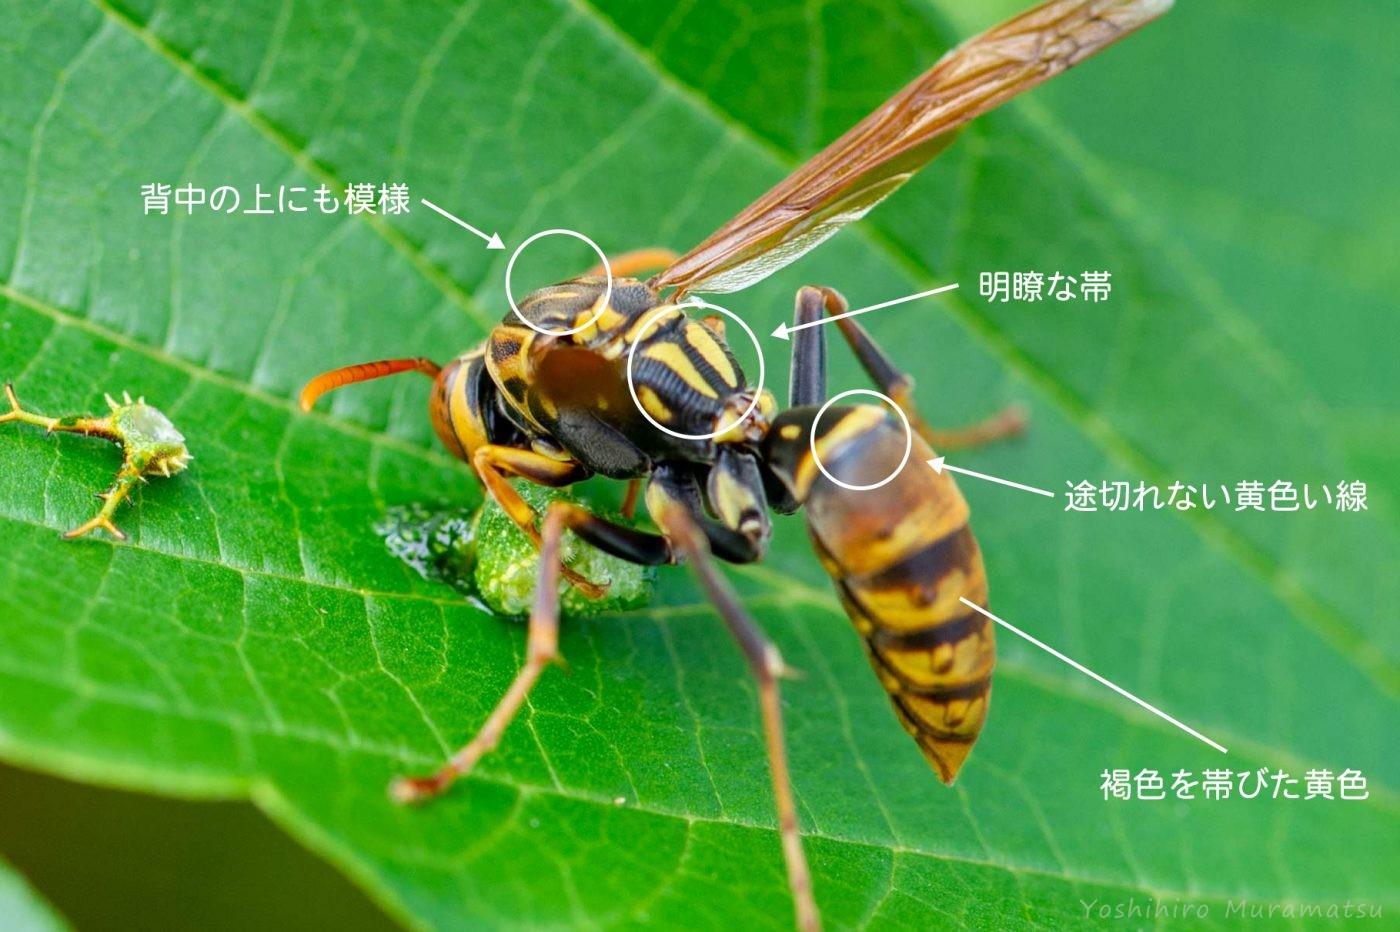 ヤマトアシナガバチの解説